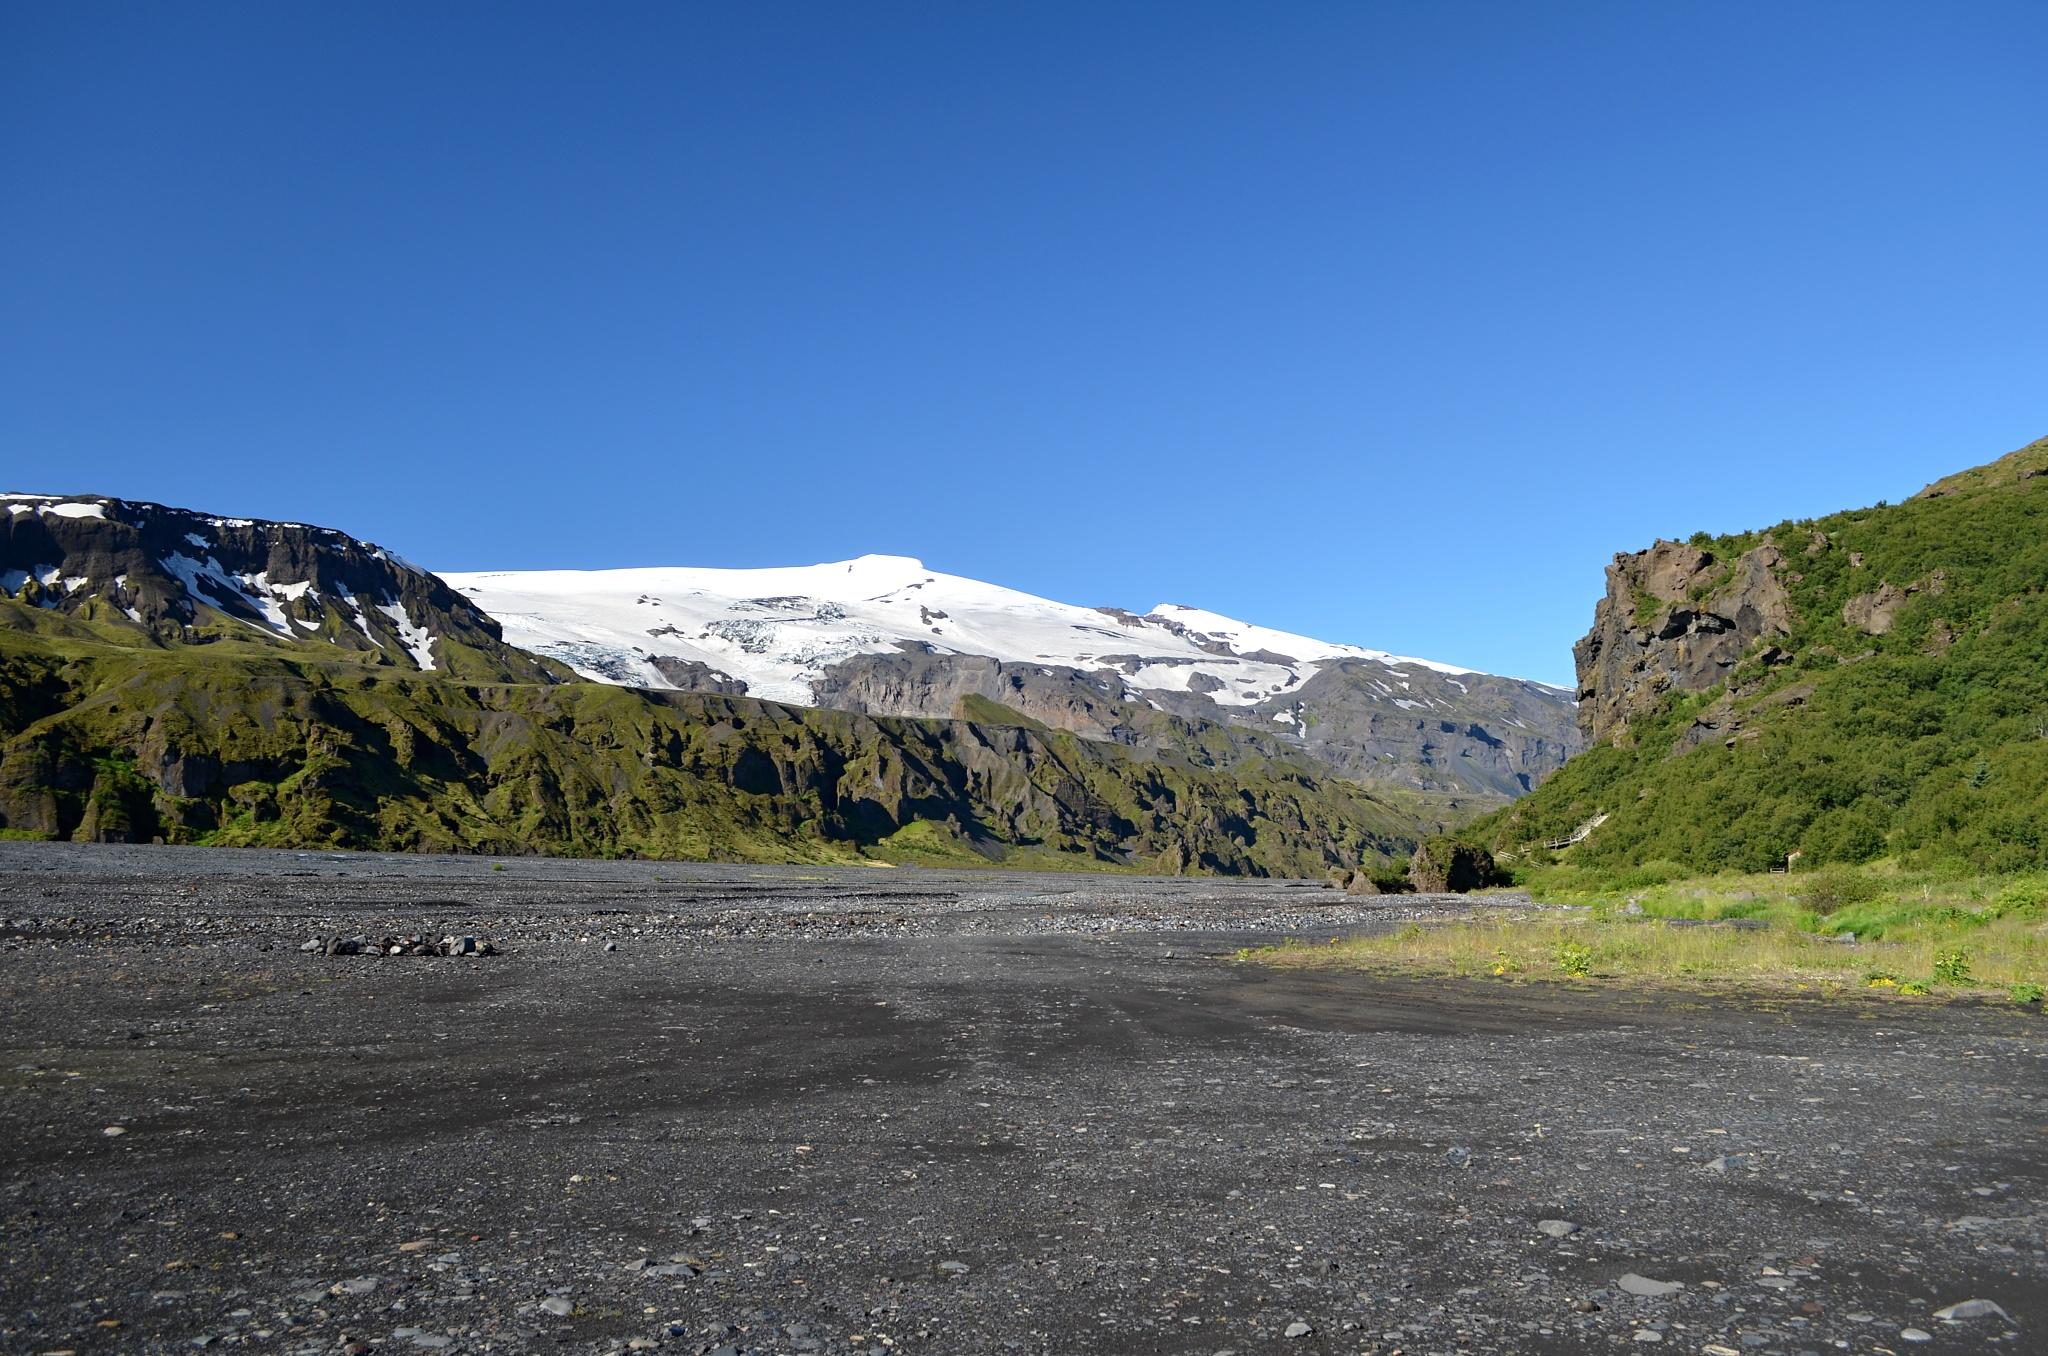 Kouzelný pohled na ledovec Eyjafjallajökull